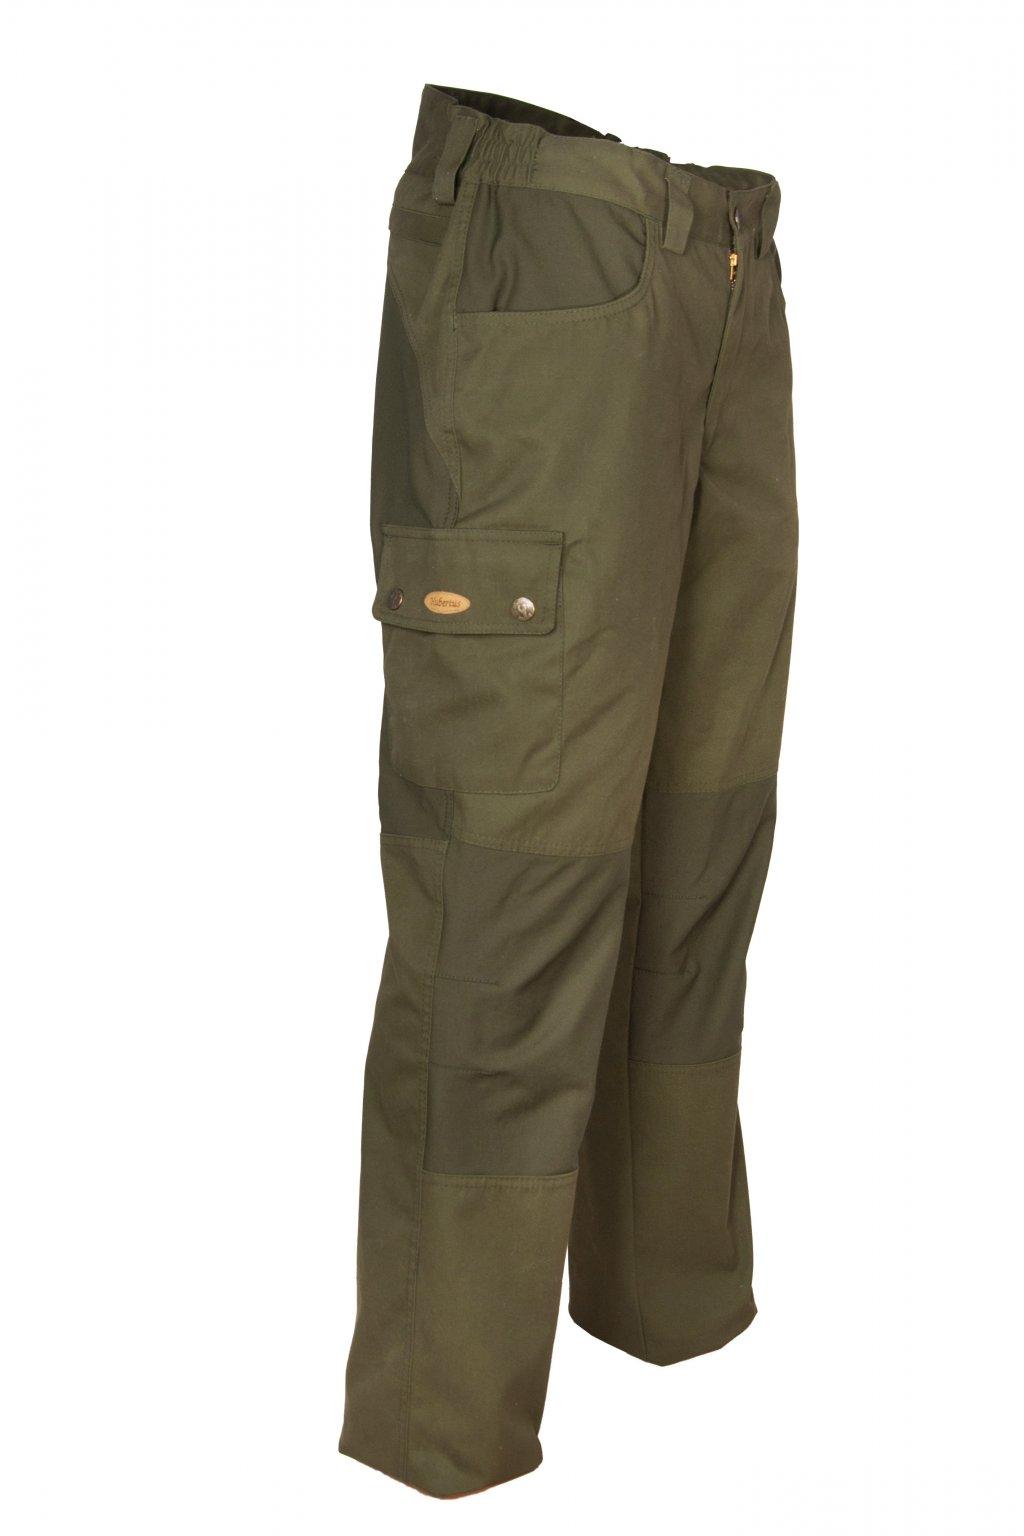 HUBERTUS - Canvas stretch outdoorové kalhoty pánské